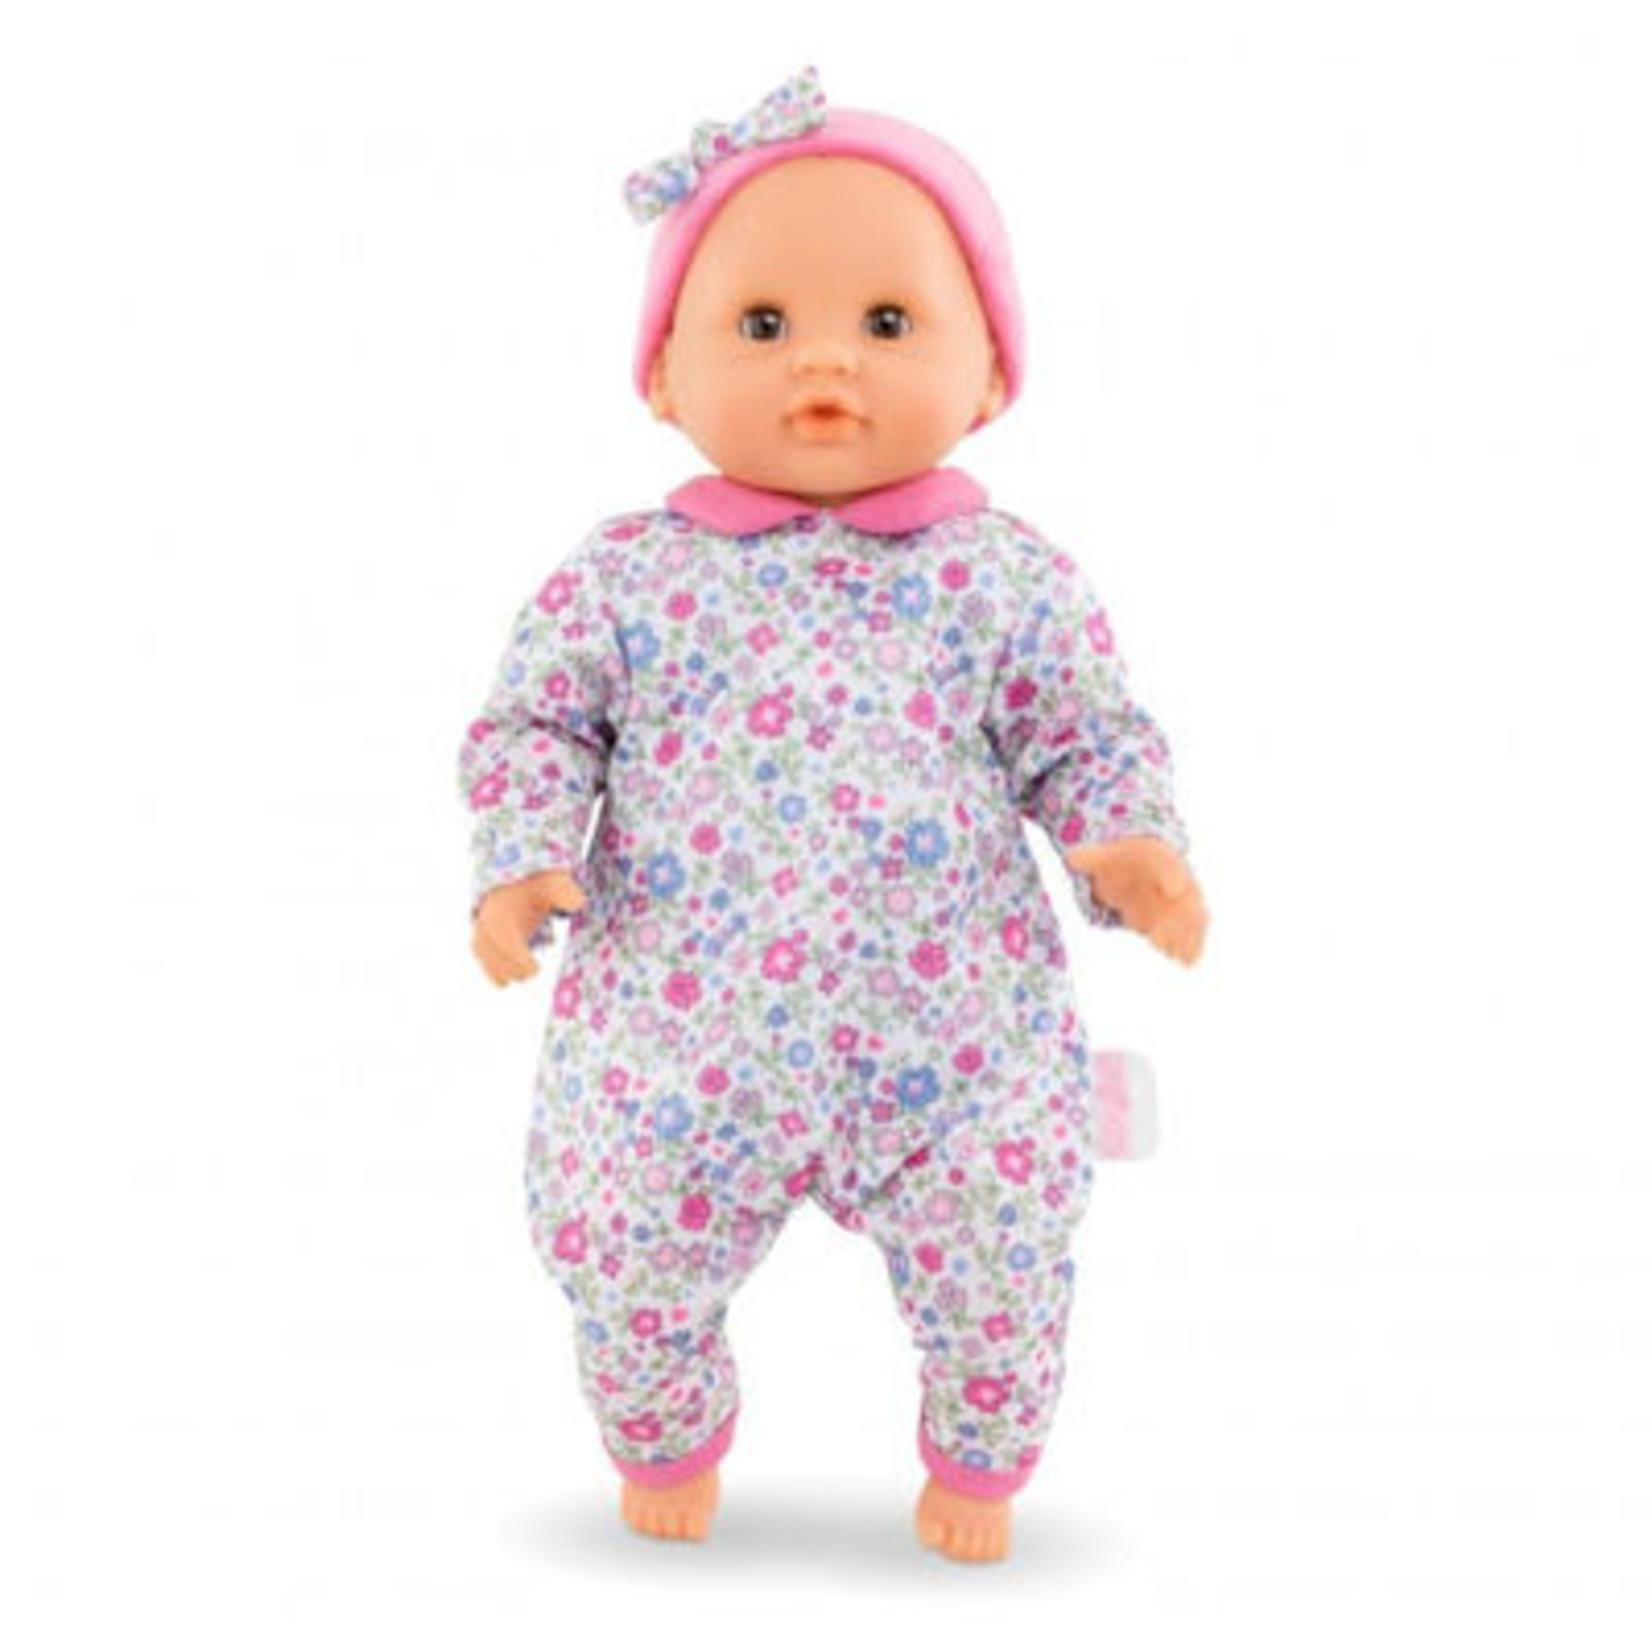 Corolle Mij eerste babypop Calin Myrtille